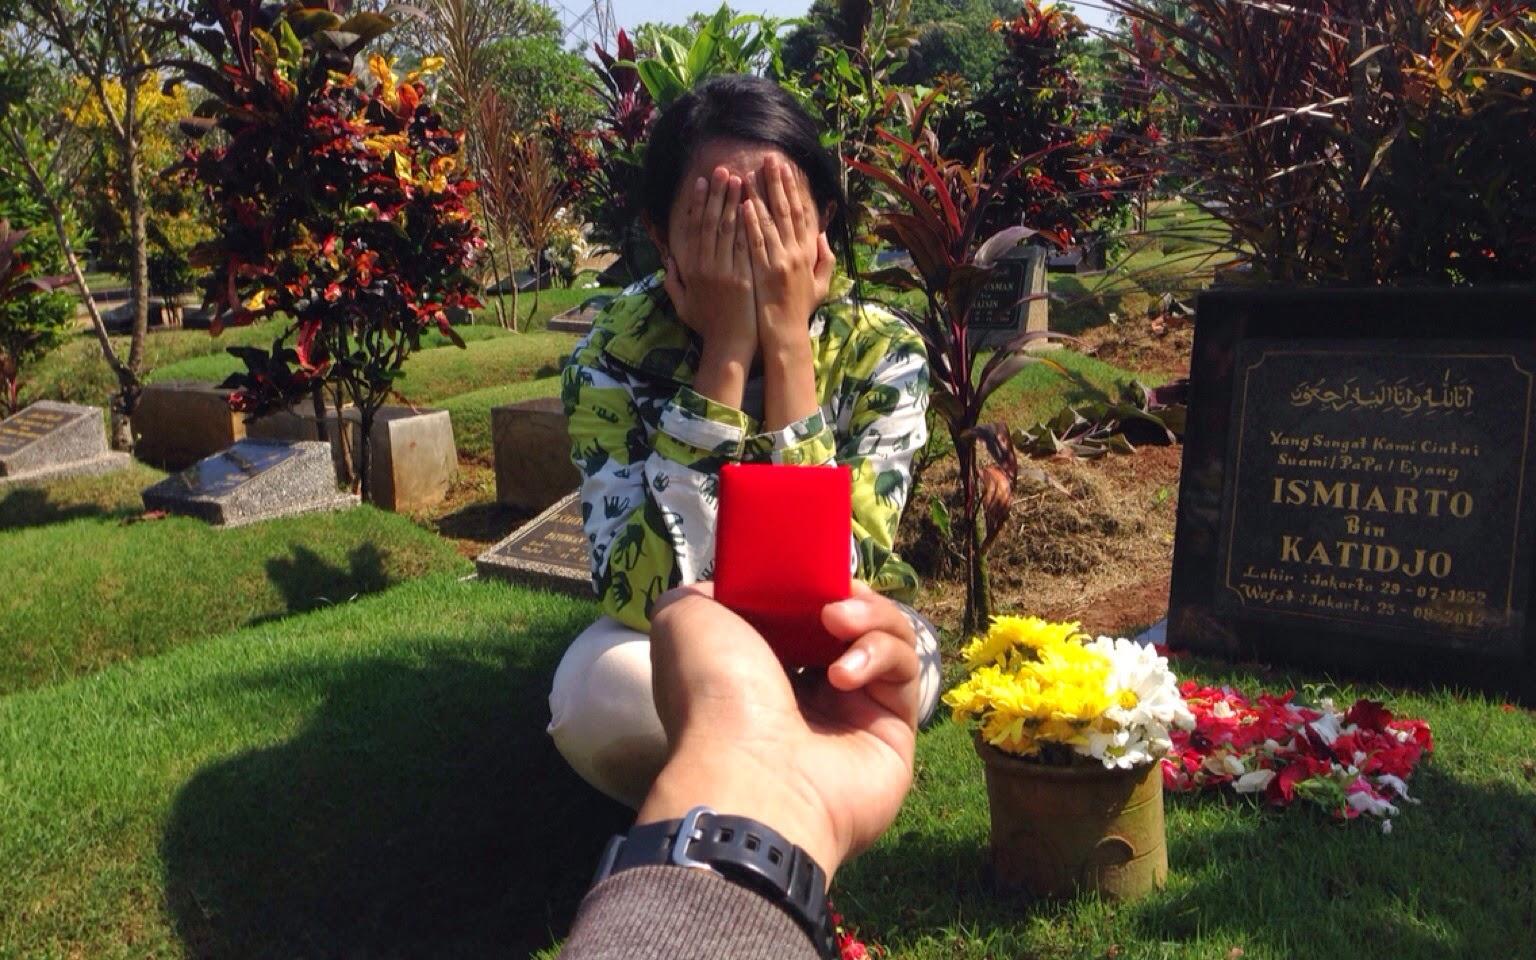 Anyekins Lifetime Journal Fcenter Meja Rias Siantano Mr 905 Jawa Tengahdiyjawa Timur Ekspresi Dalem Hati Nggak Karuan